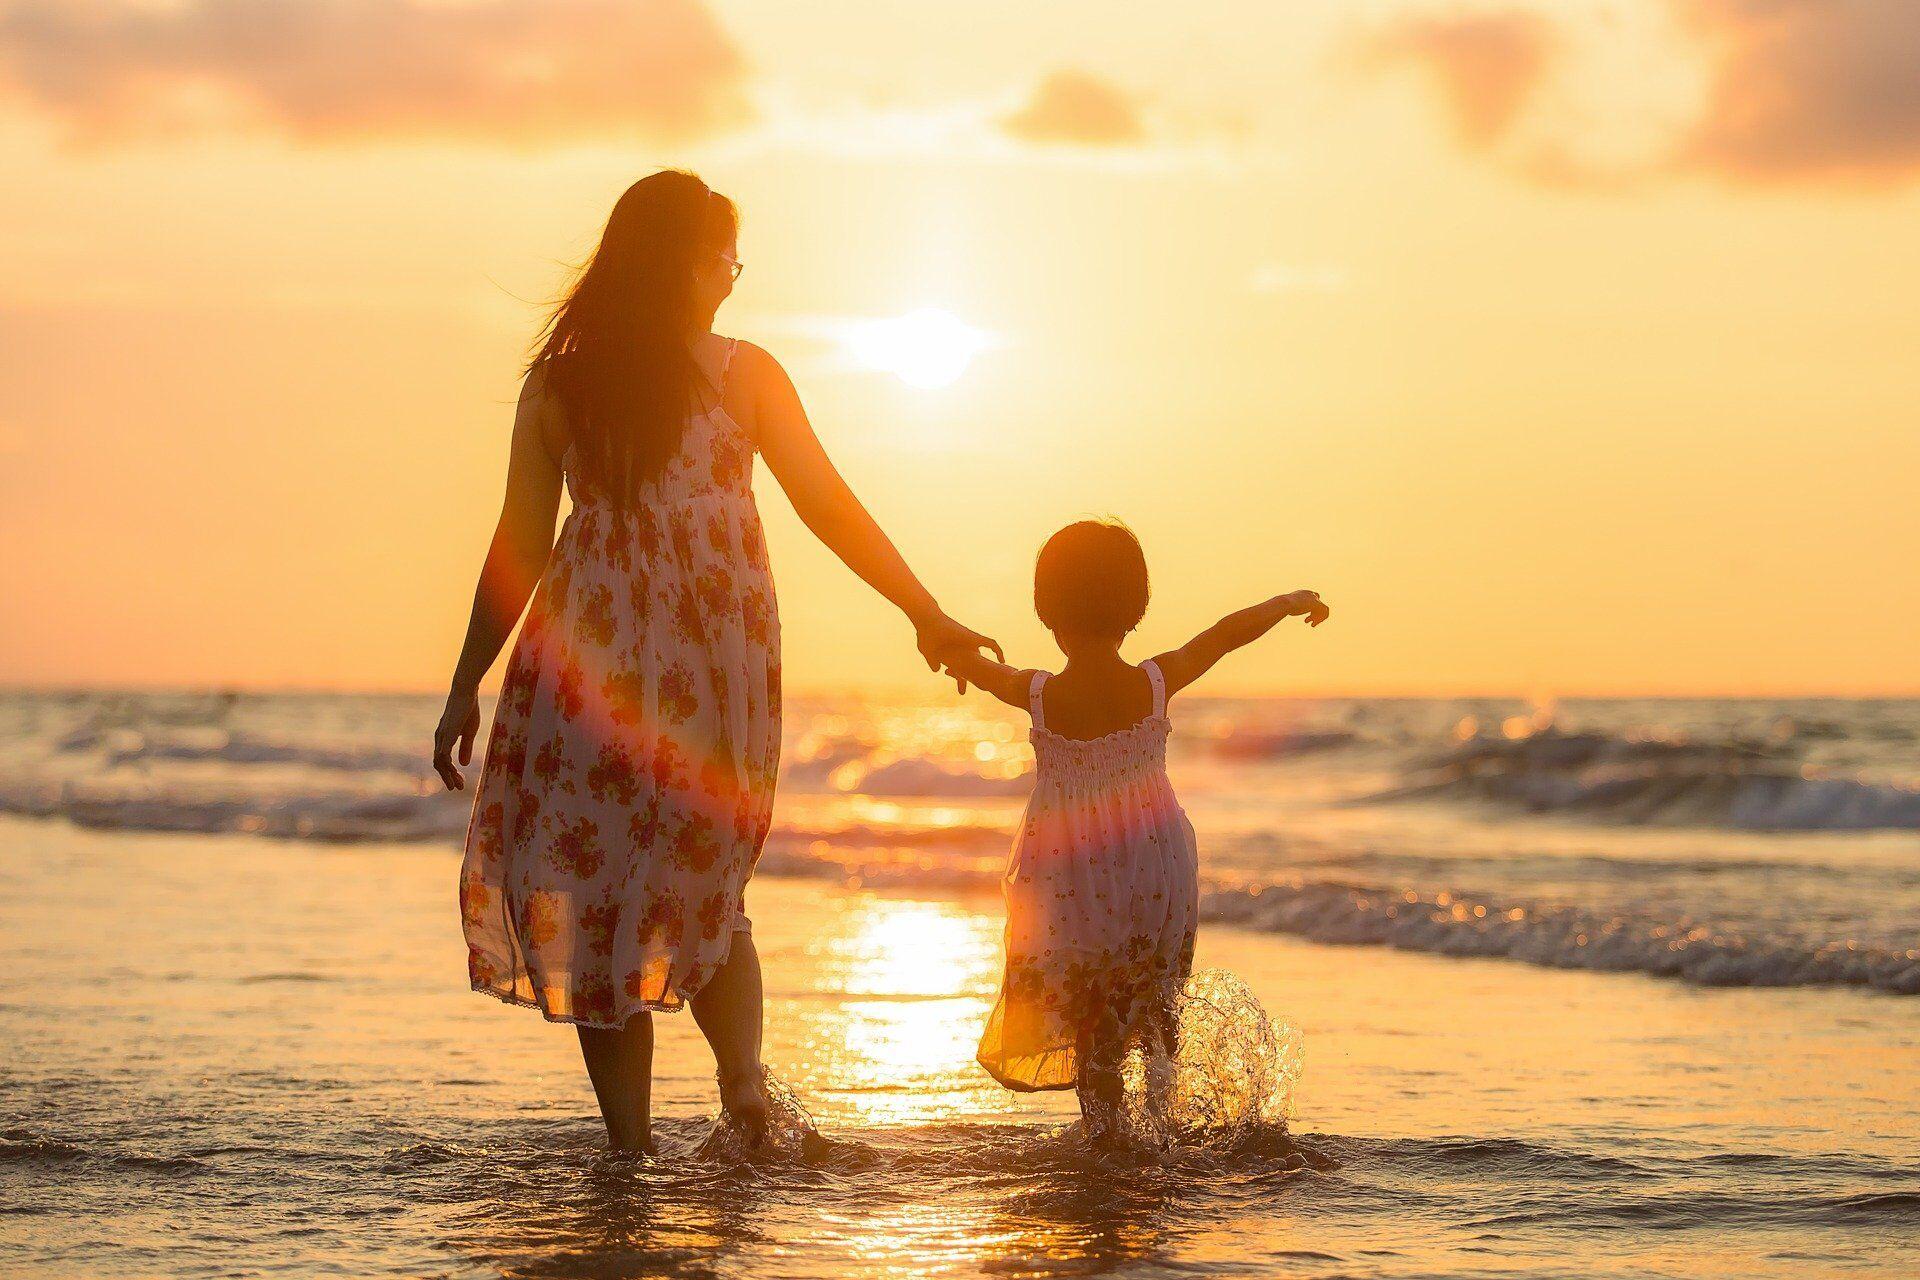 1 июня празднуют Международный день детей и Всемирный день родителей.